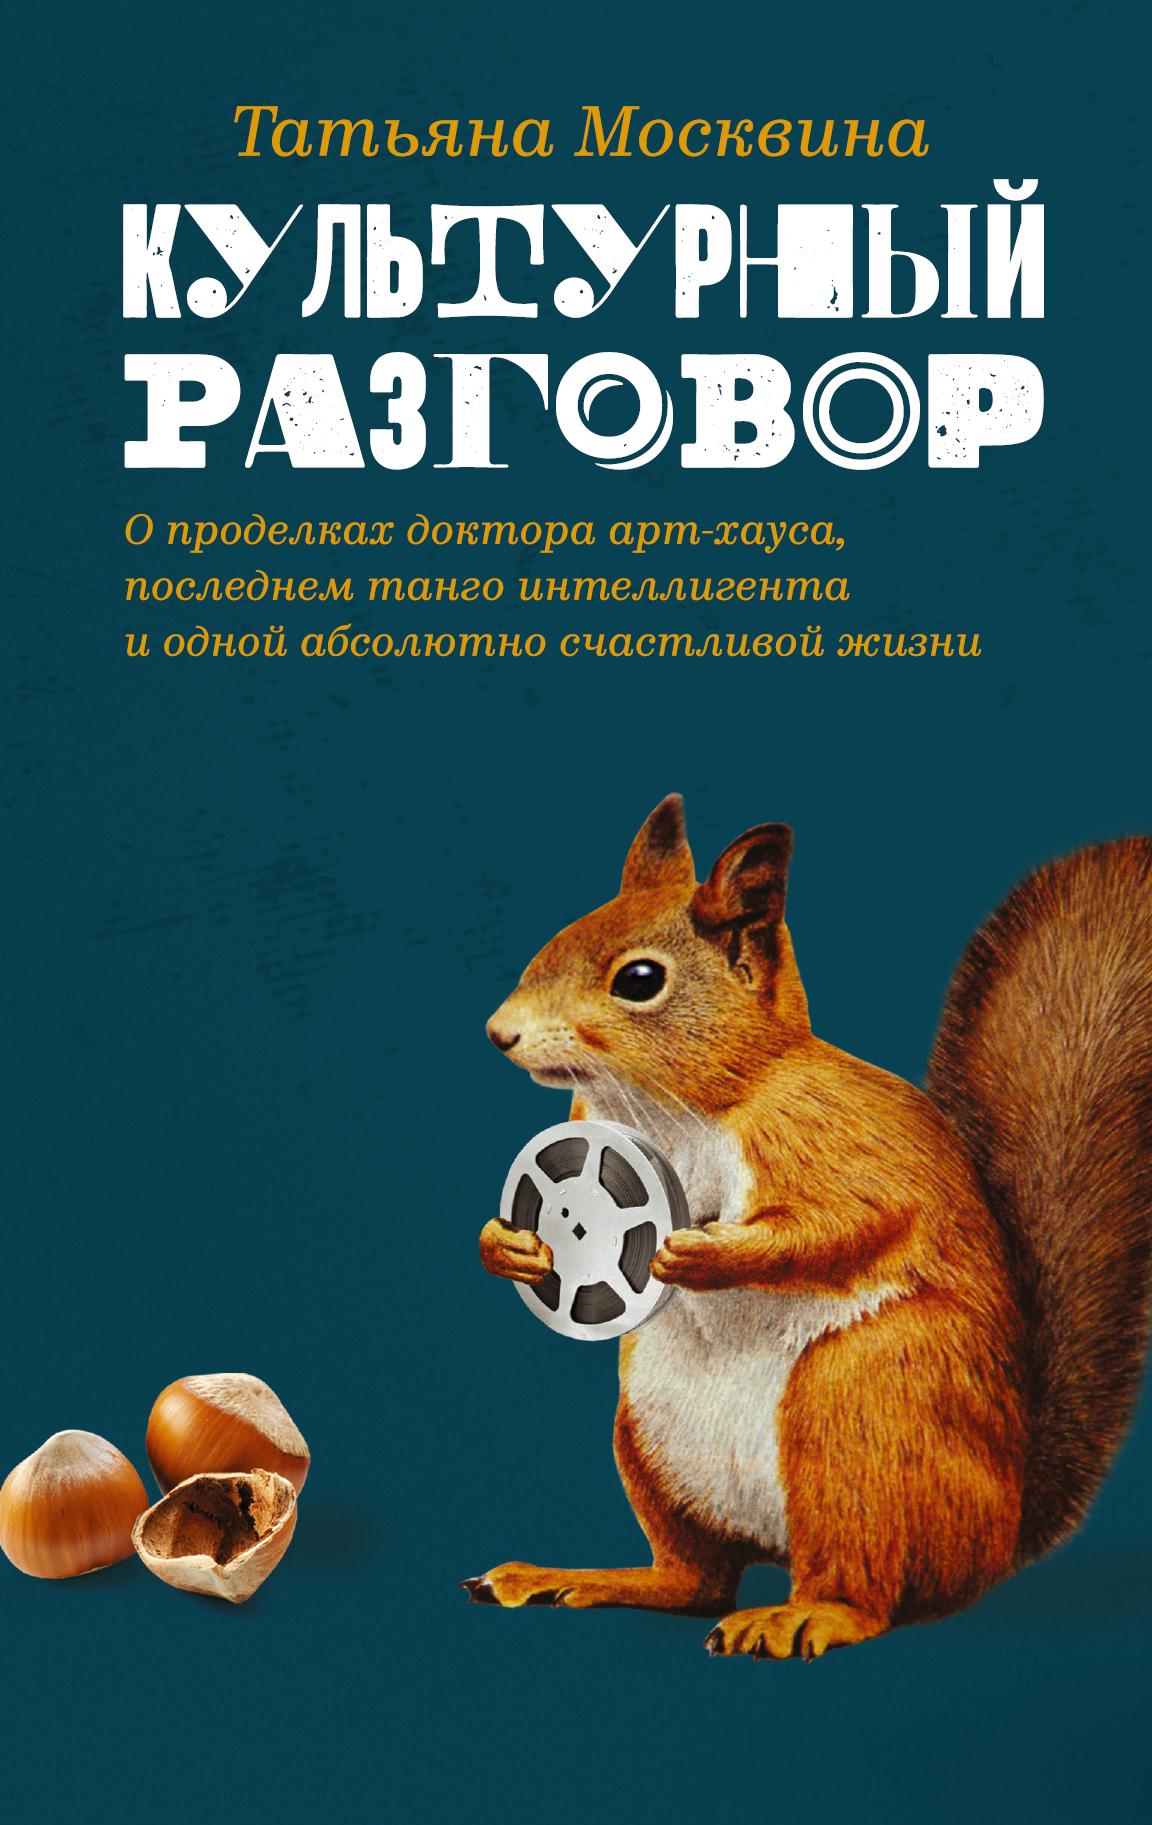 Москвина Т.В. Культурный разговор